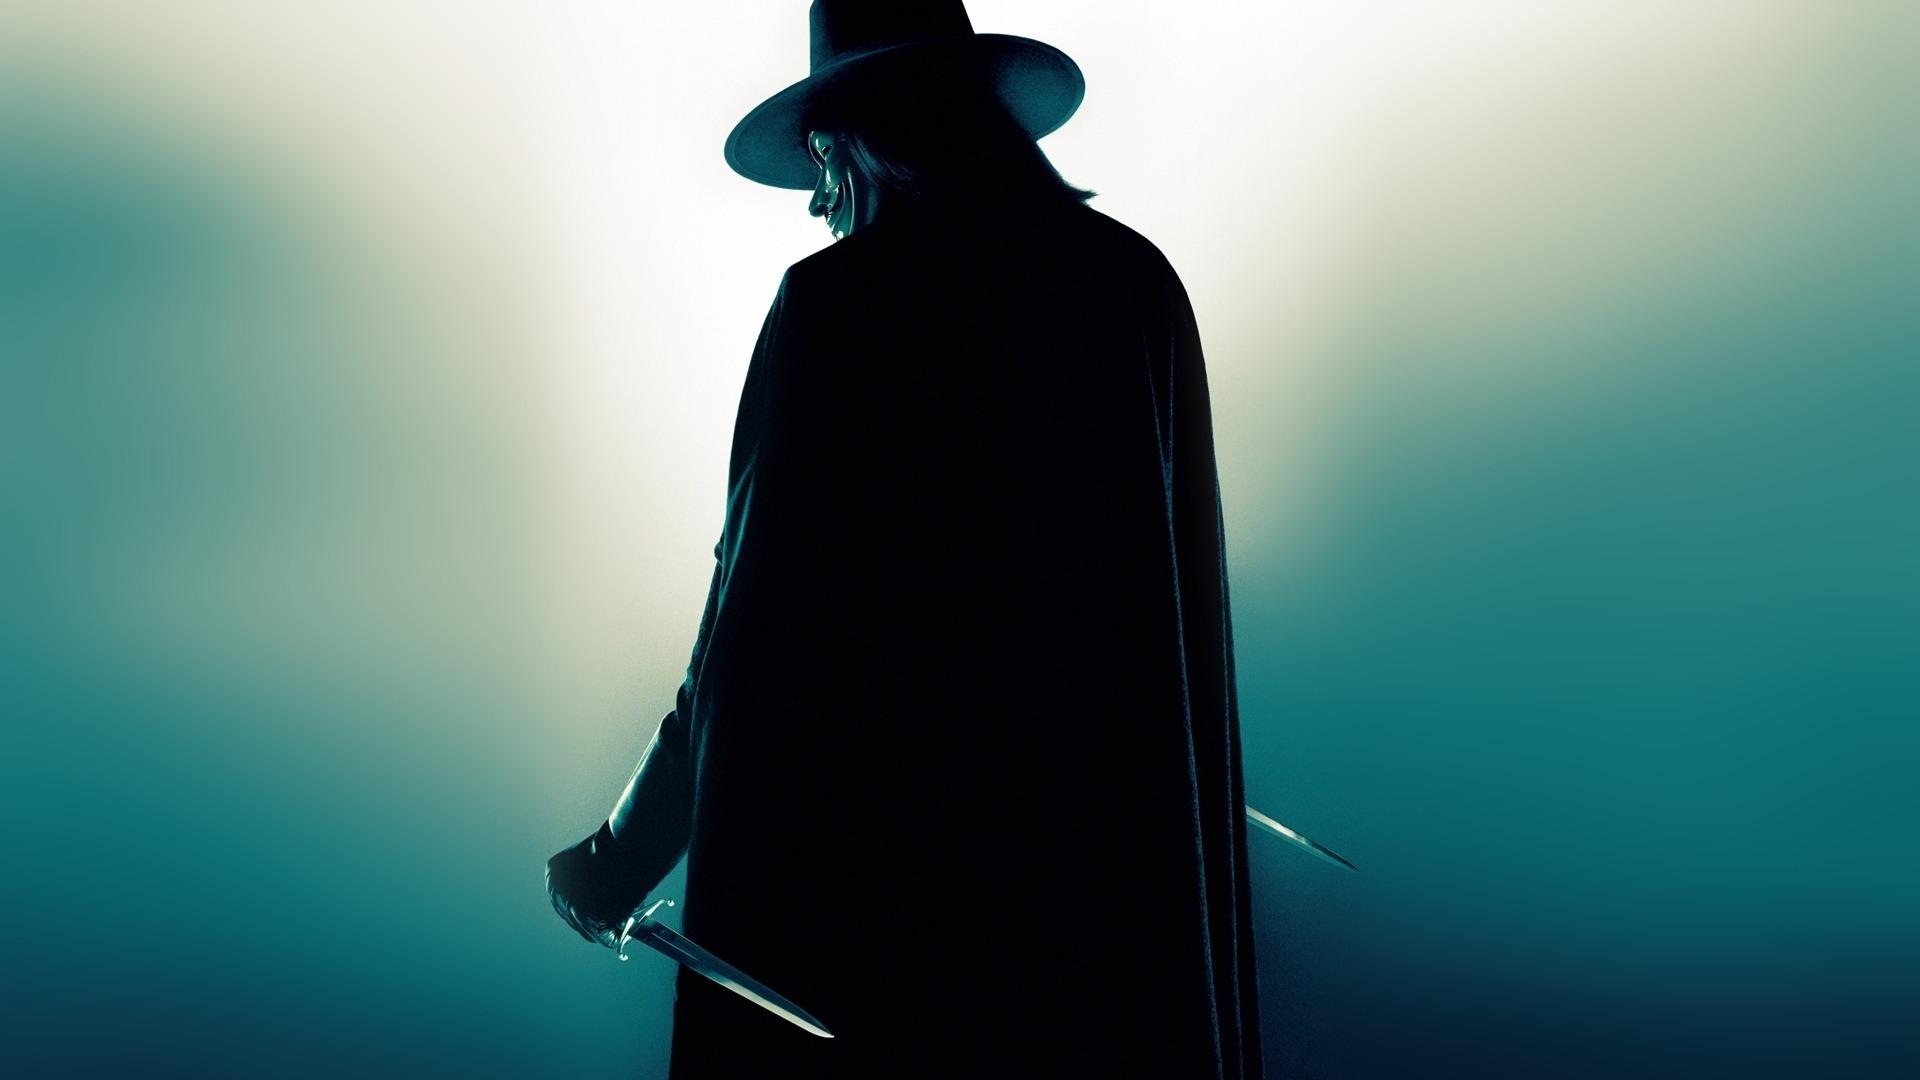 V For Vendetta Wallpaper for Vendetta - V for V...